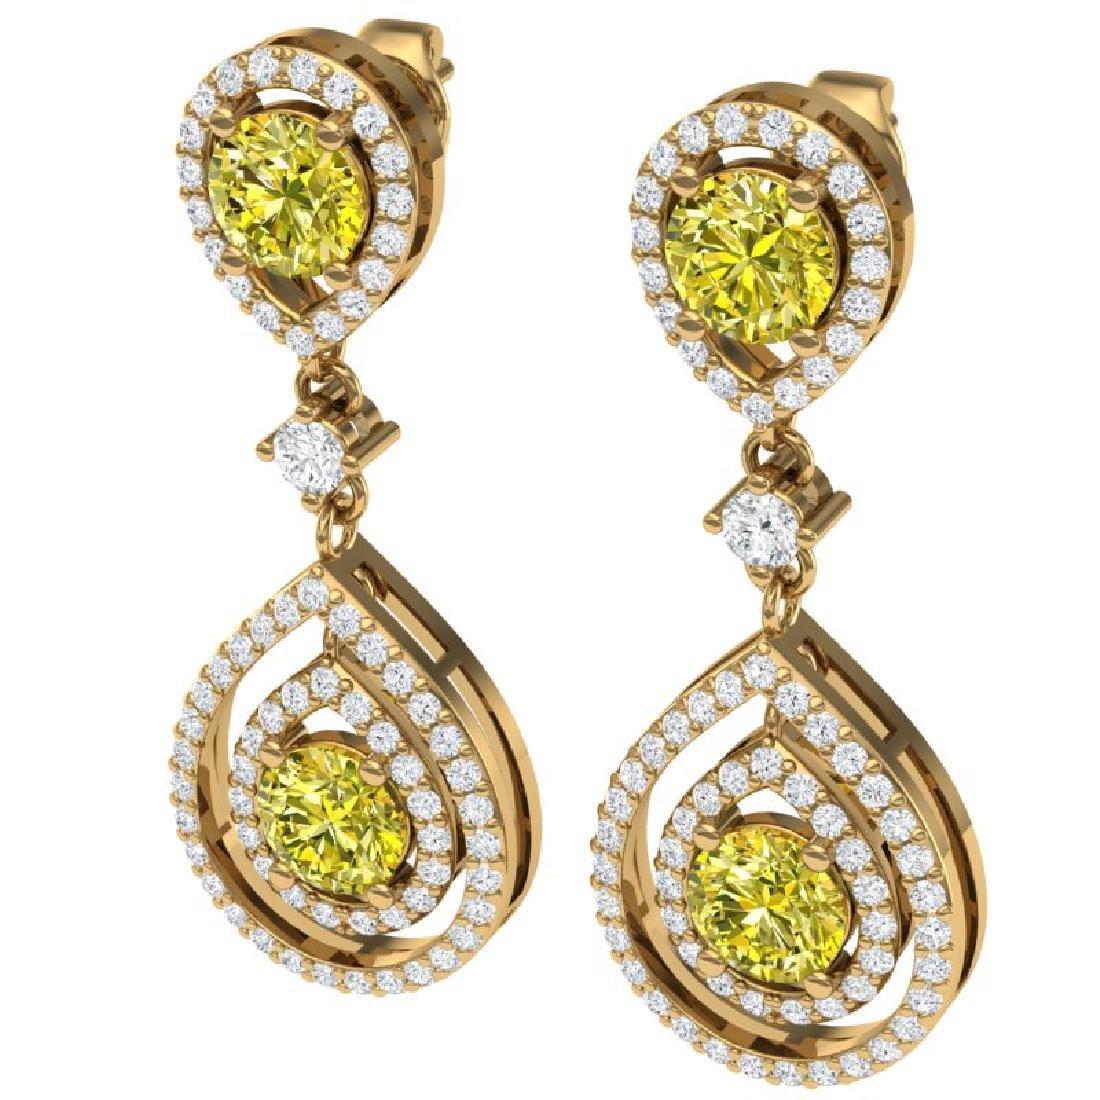 3.9 CTW Fancy Yellow SI Diamond Earrings 18K Yellow - 2